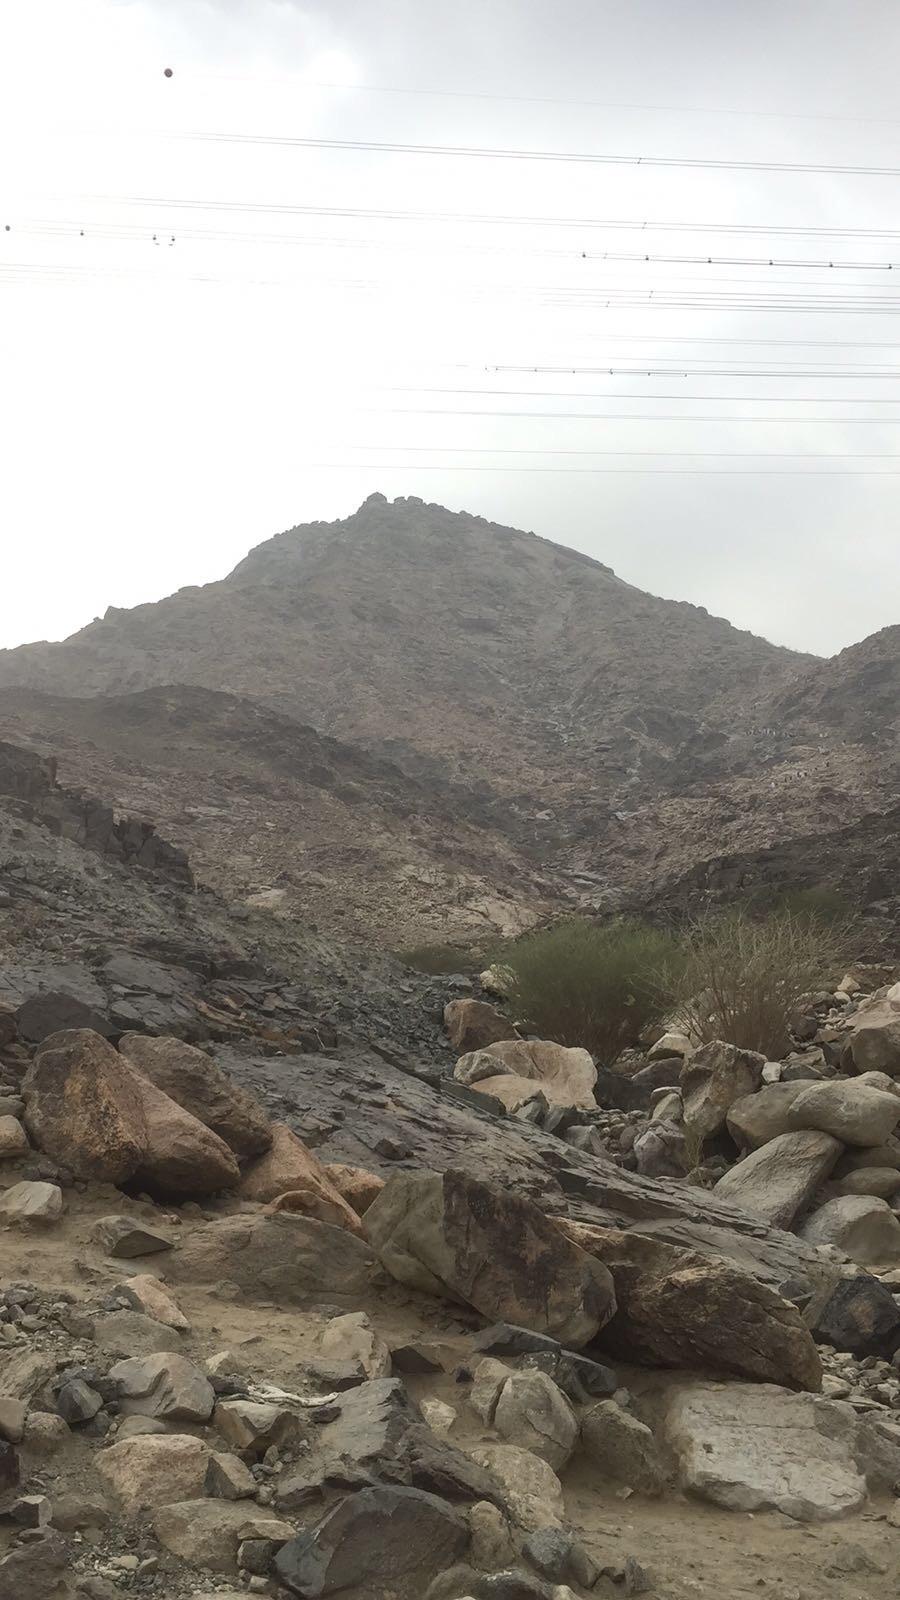 Mount Hira or Jabal an-Nour